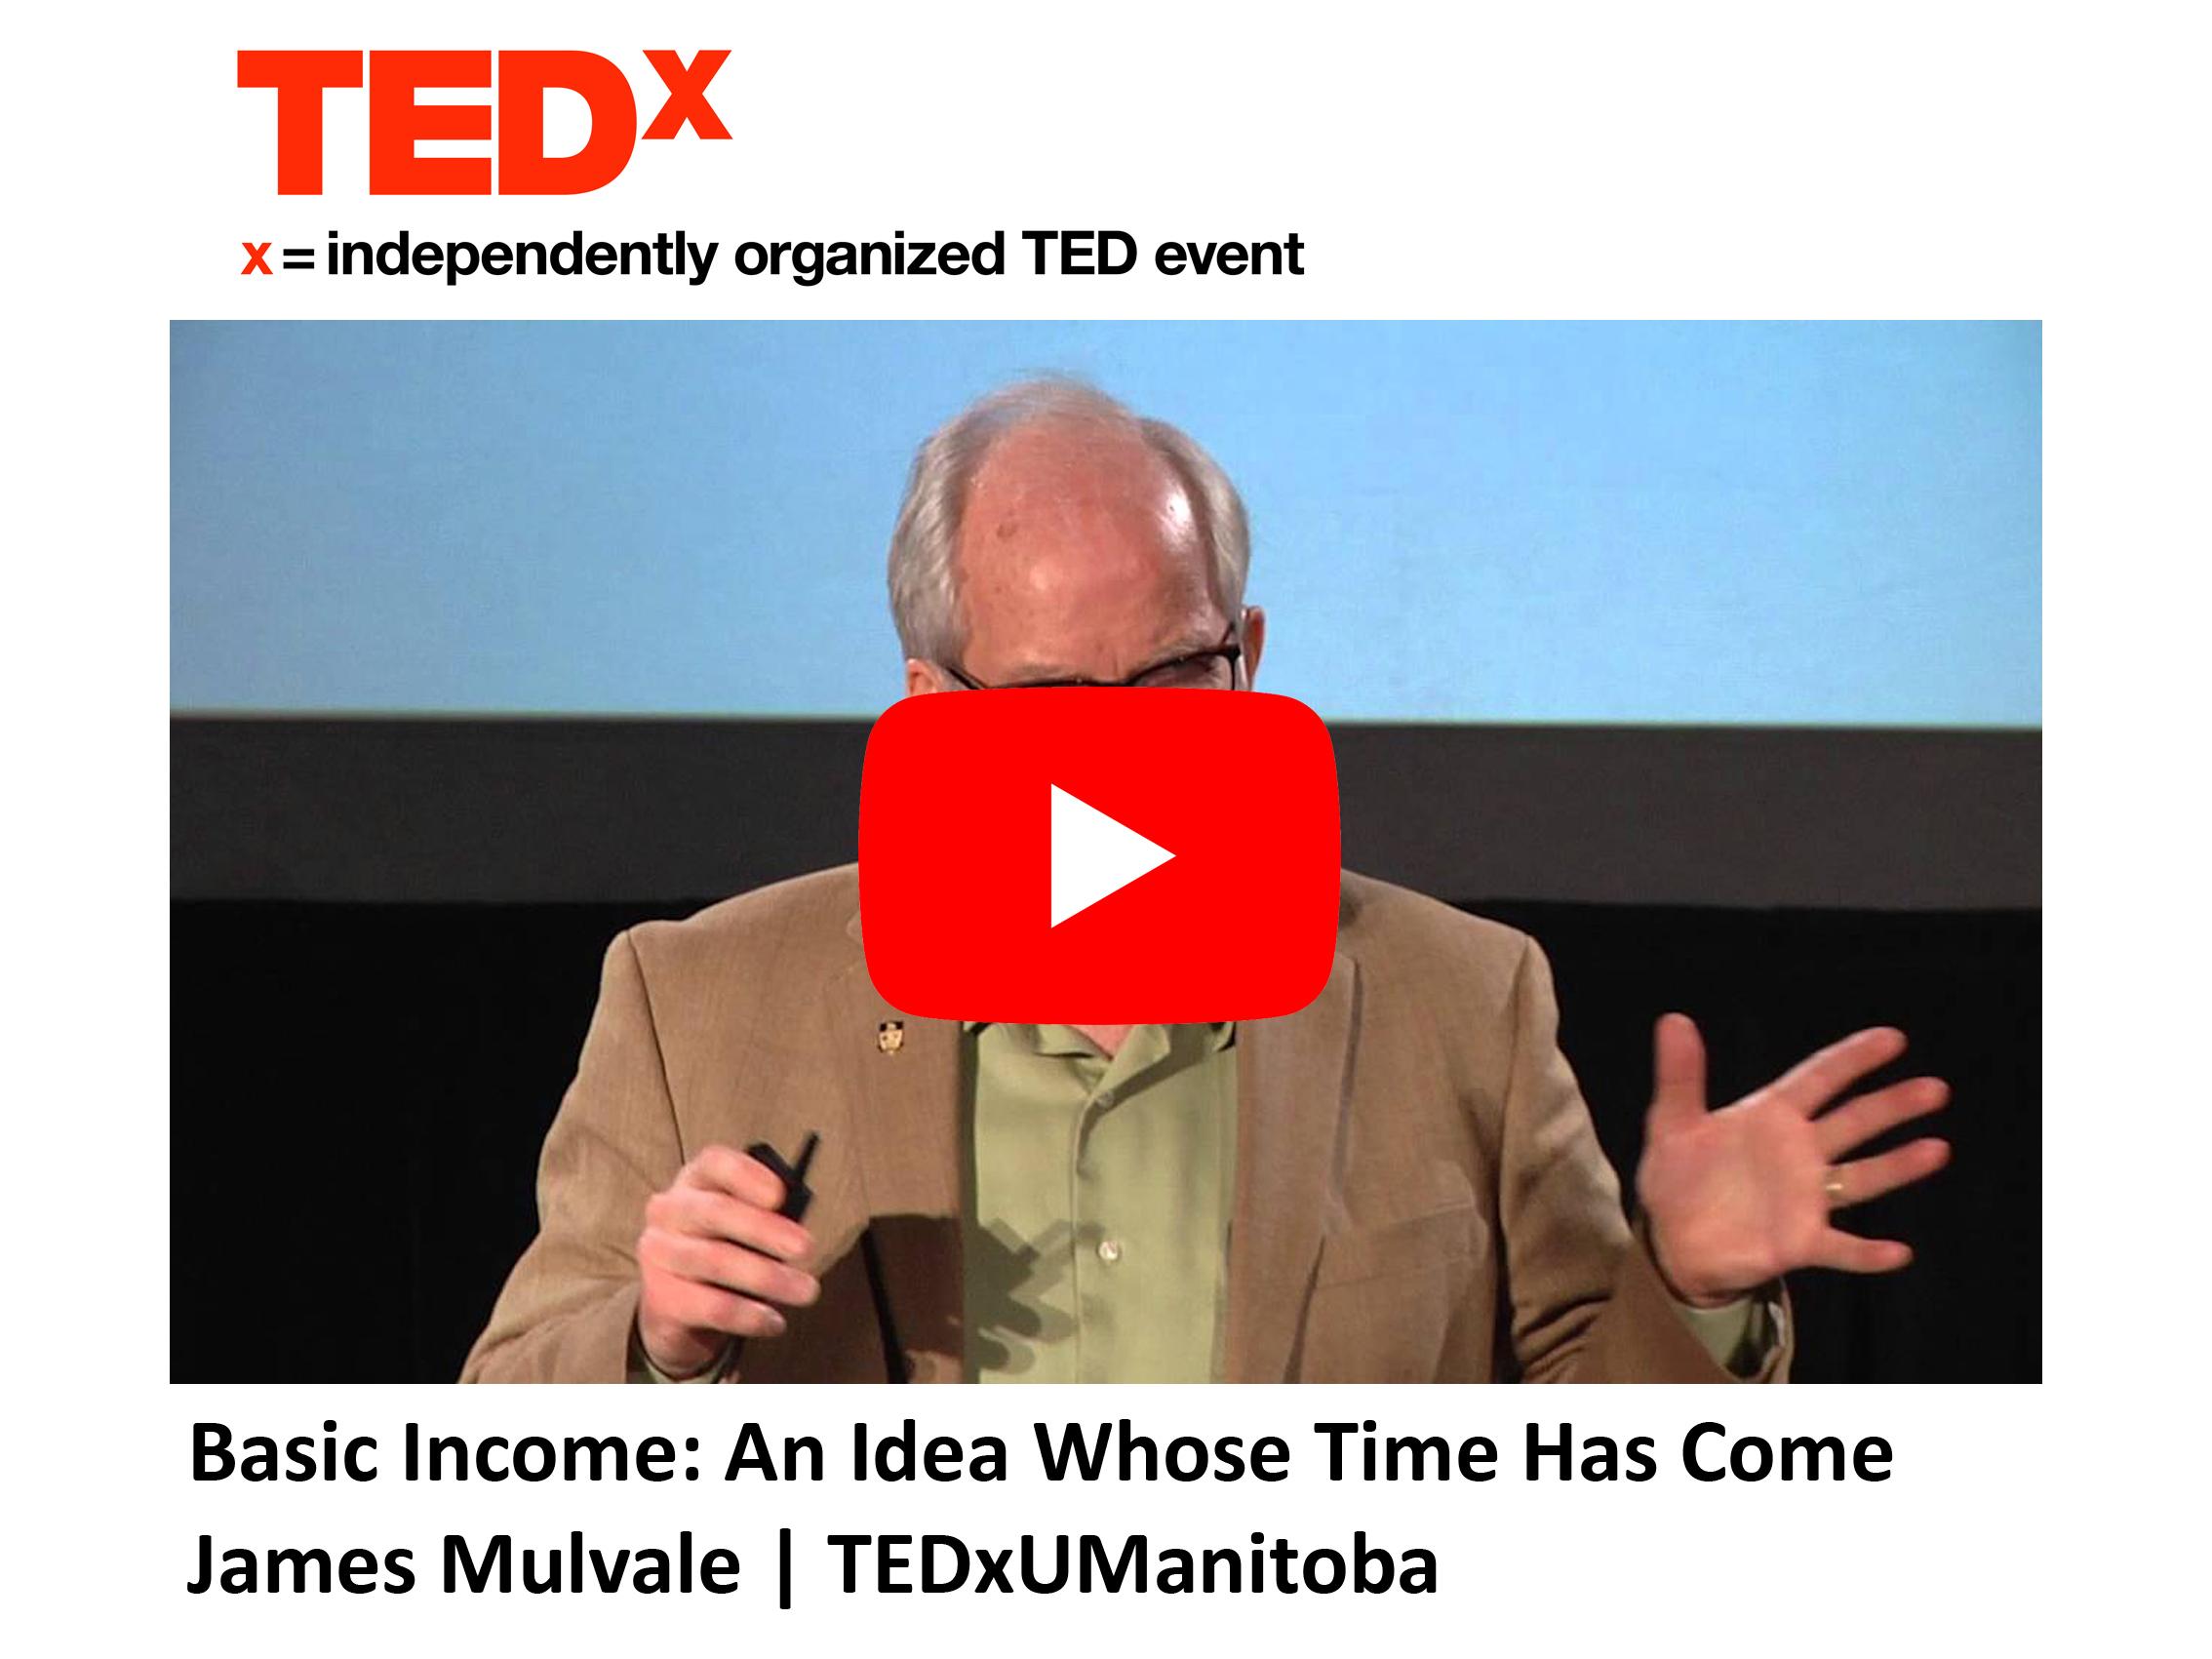 TEDx - UBI: An Idea Whose Time Has Come